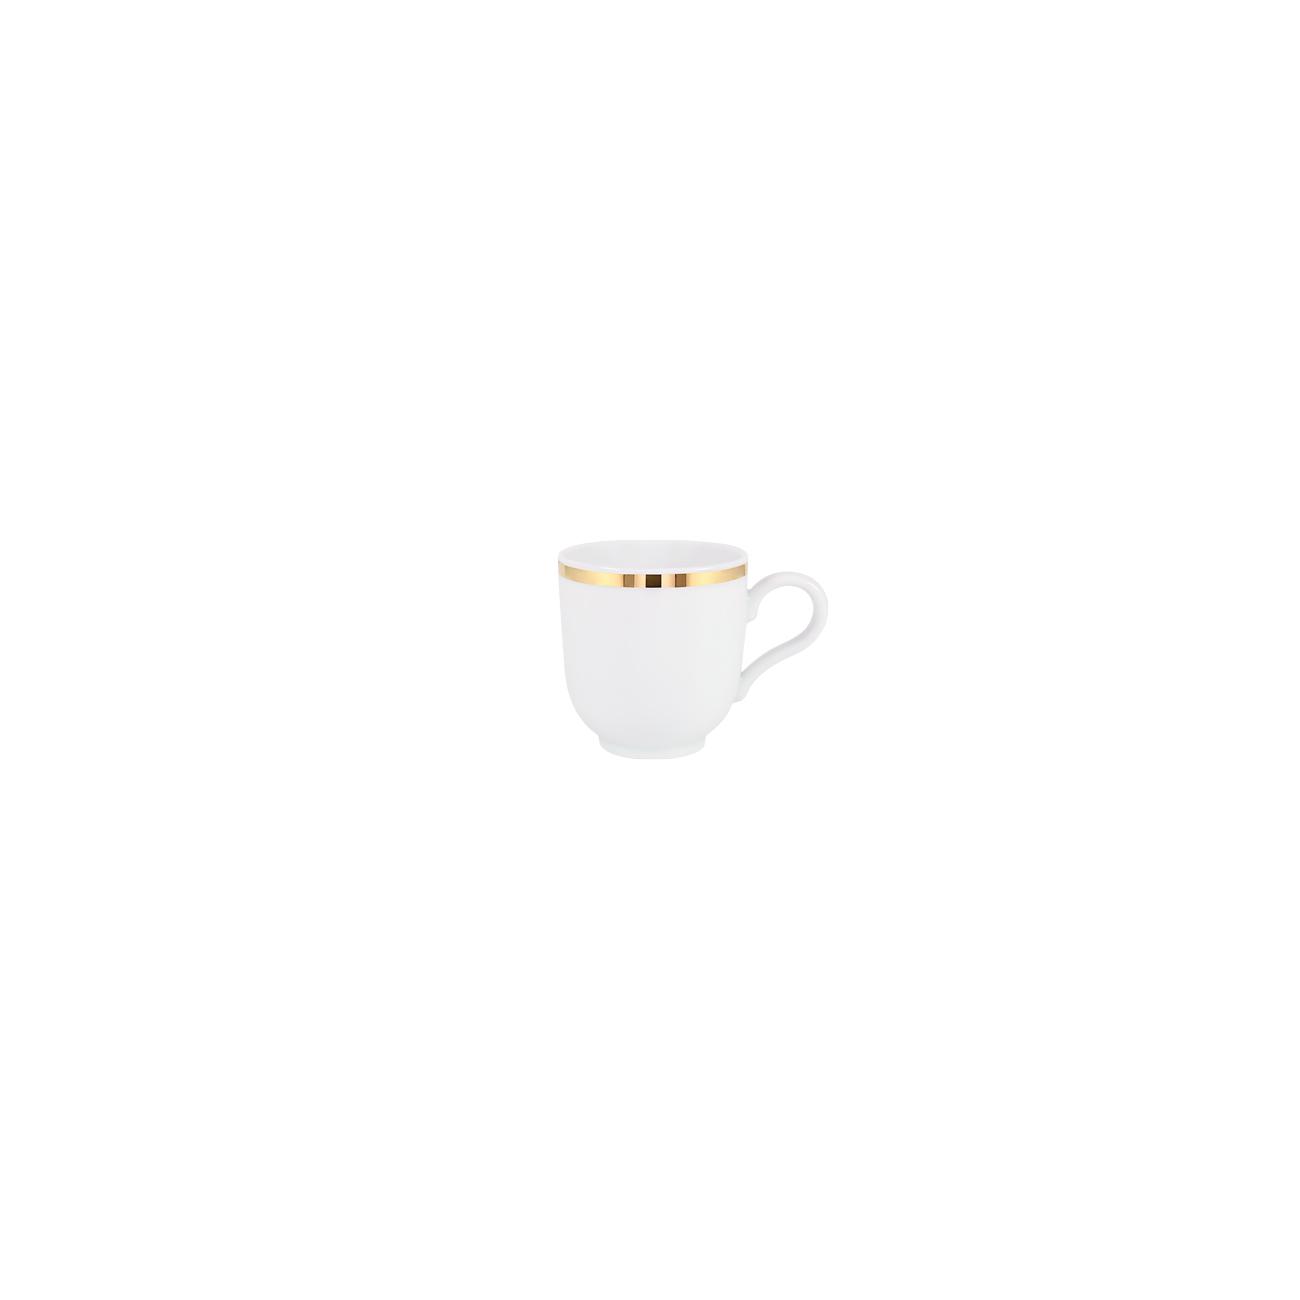 Chávena Café 11cl Antar 0